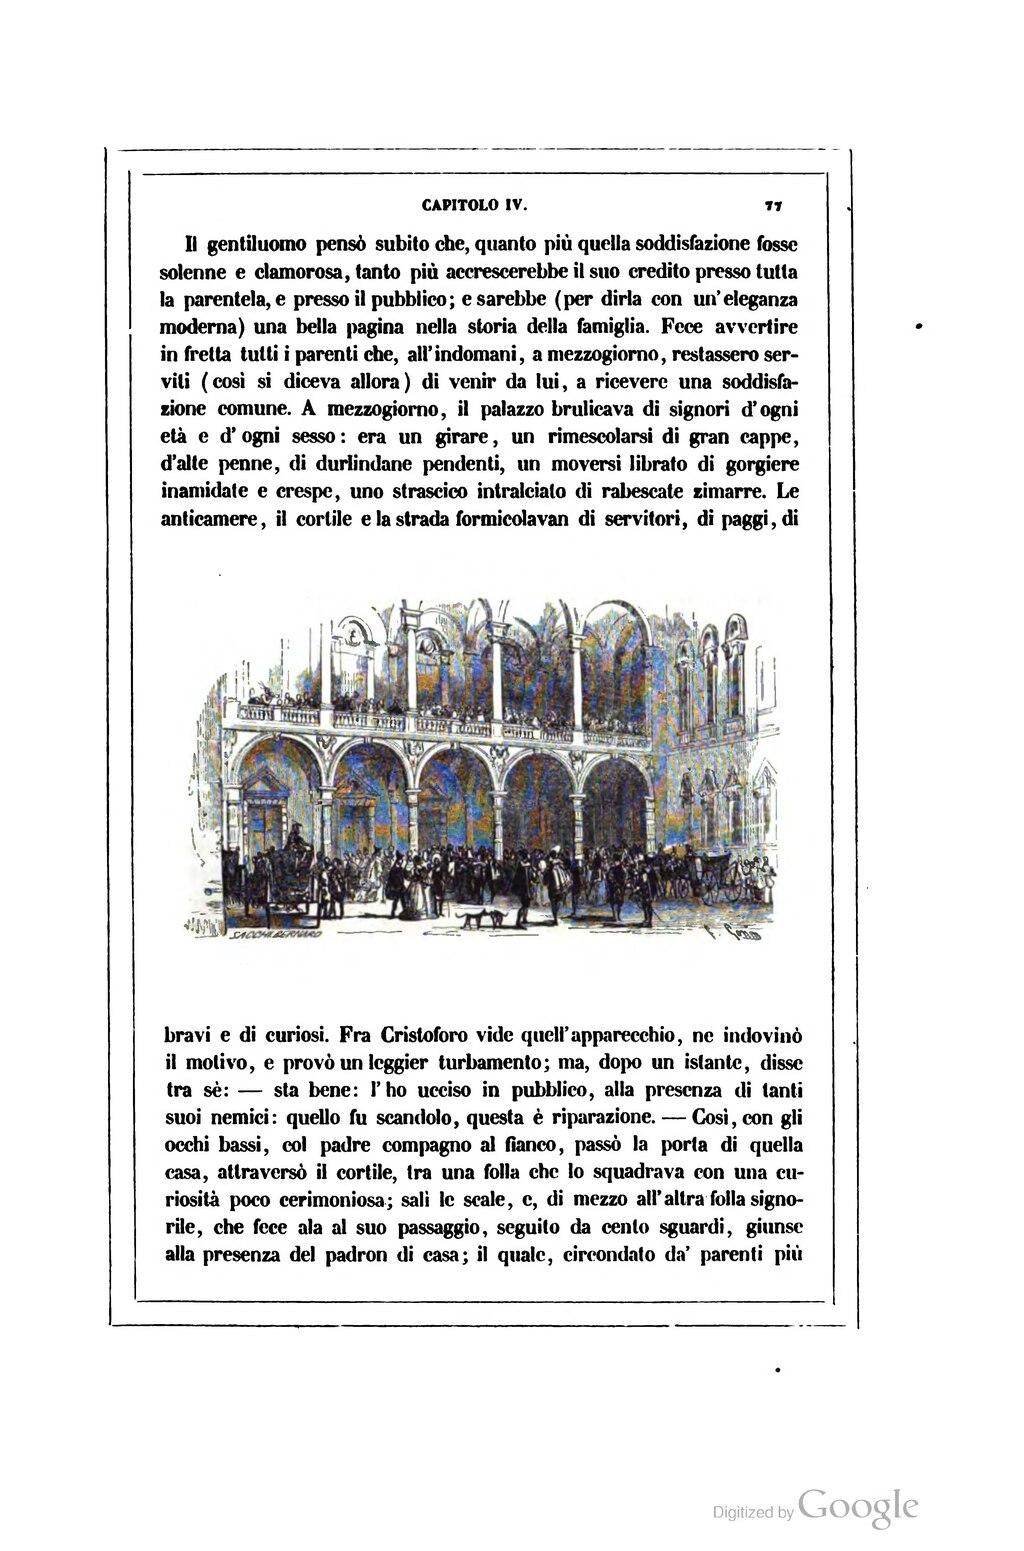 Pagina i promessi sposi 1840 djvu 83 wikisource - Donazione di una casa a un nipote ...